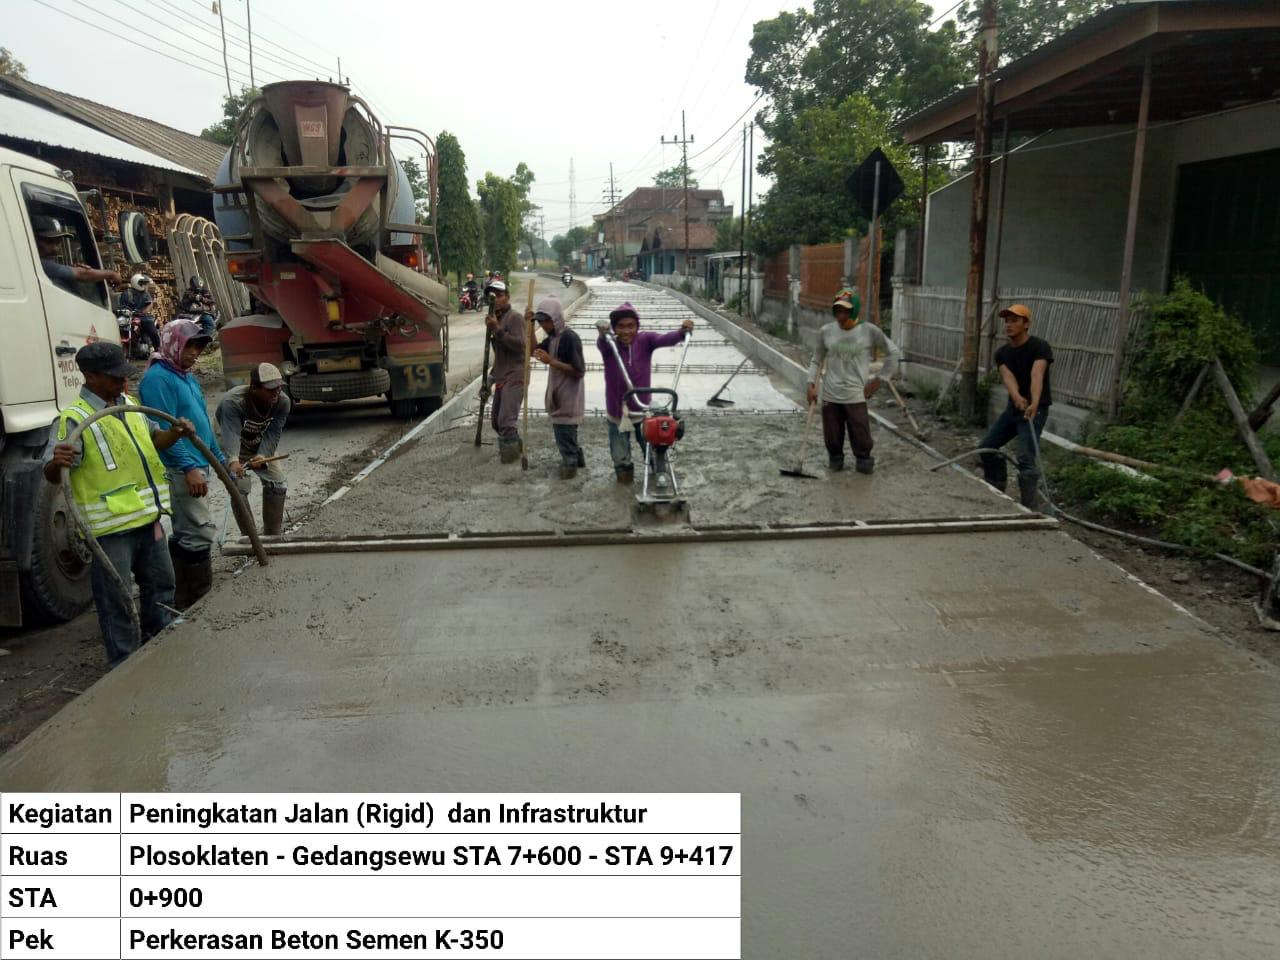 Pembangunan Infrastruktur Jalan Jadi Program Prioritas Mas Bup